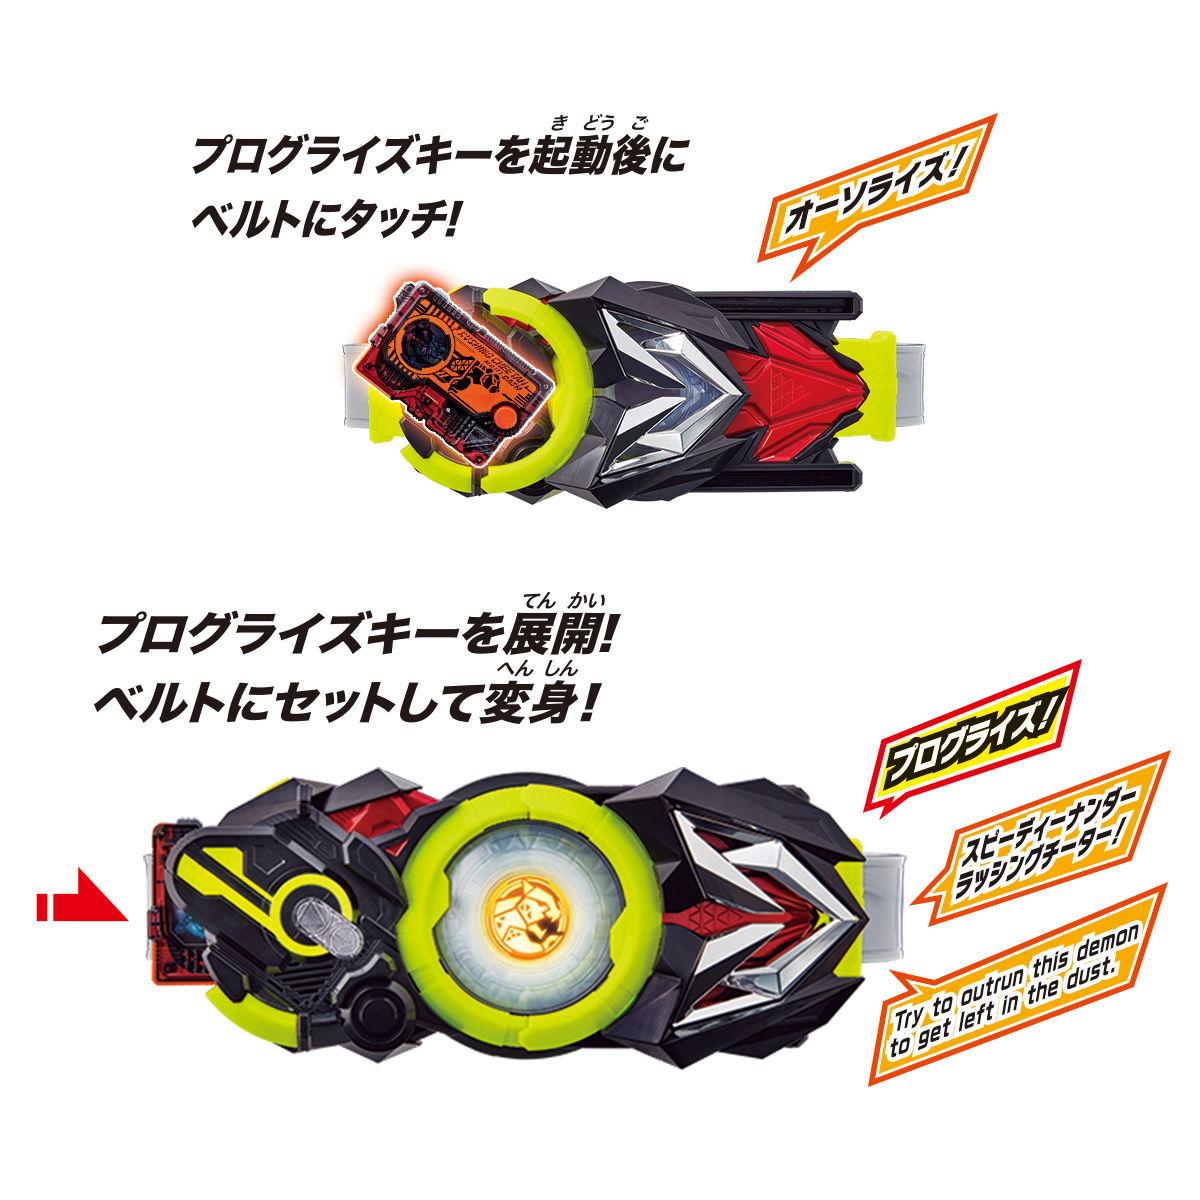 仮面ライダーゼロワン『DX飛電ゼロワンドライバー & プログライズホルダーセット』変身なりきり-010